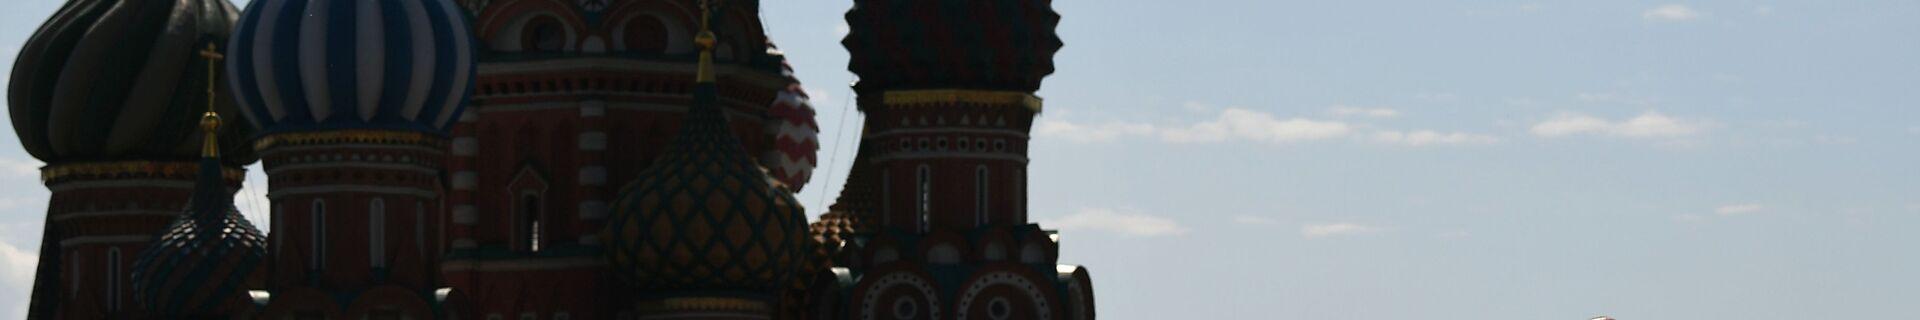 Президент РФ Владимир Путин выступает во время военного парада на Красной площади - Sputnik Тоҷикистон, 1920